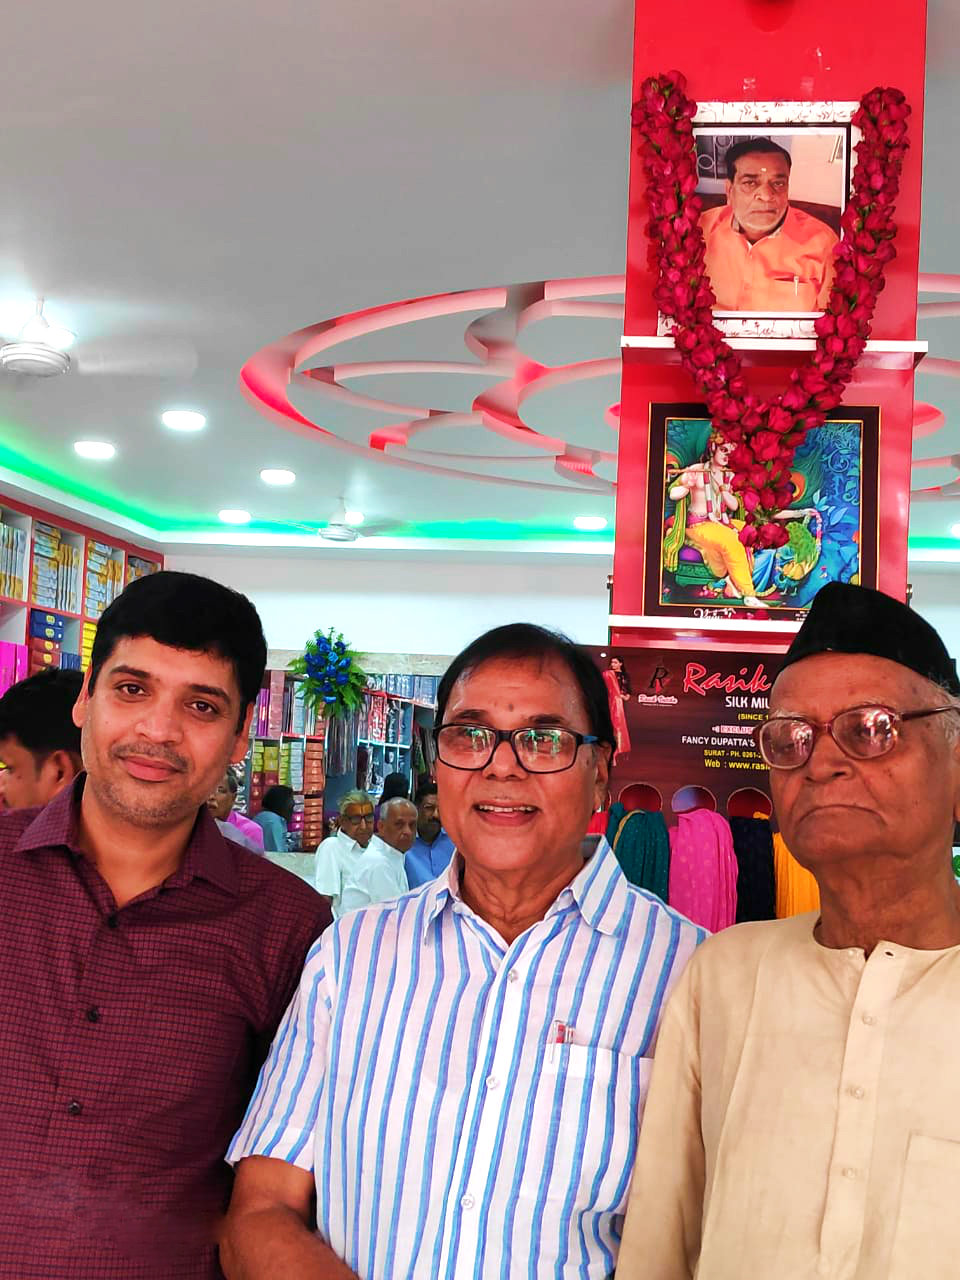 Educationist Dr.B.N.Yadav Madhepuri, Secretary Kaushiki Hindi Sahitya Sammelan along with its Chair Person Sahityakar-Itihaskar Shri Hari Shankar Shrivastava Shalabh & Pankaj Kumar in the opening ceremony of